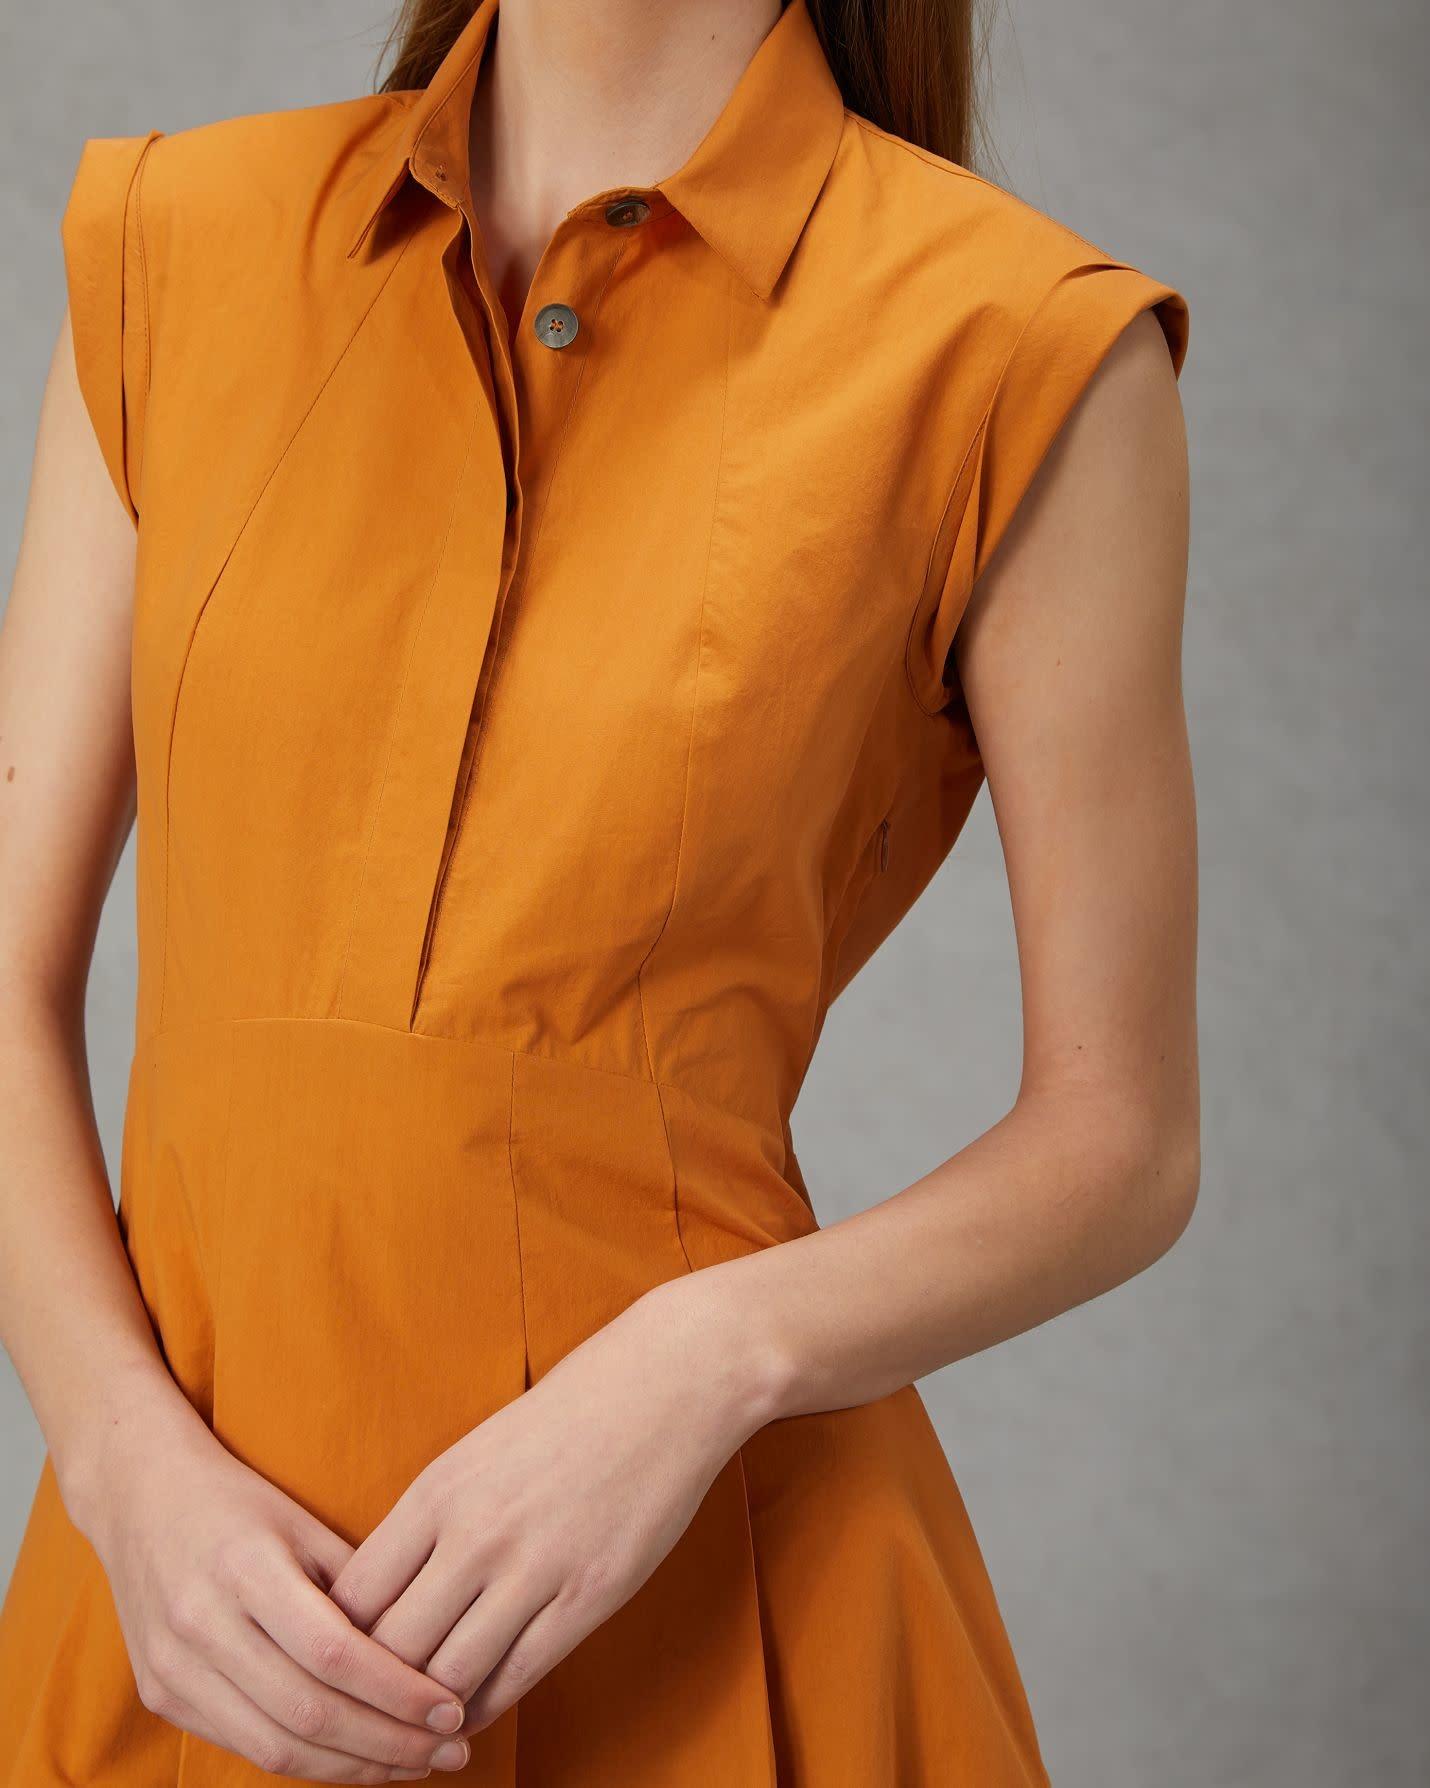 Majestic jurk ANtonelli-2